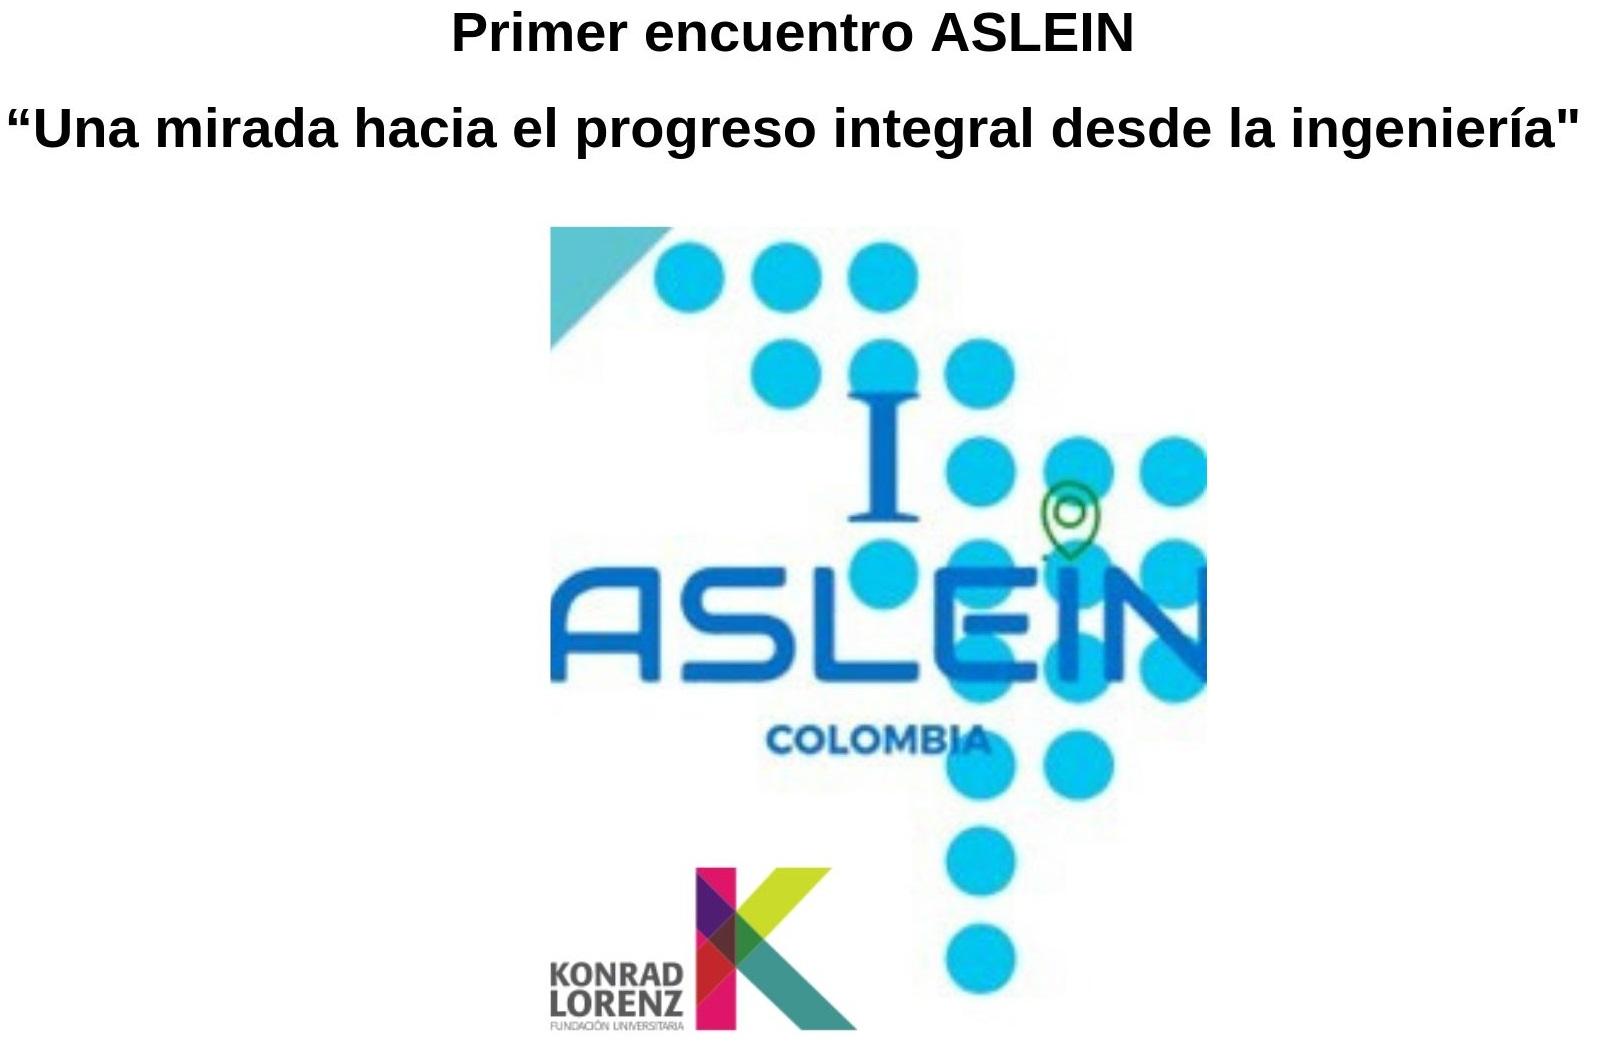 """Primer encuentro ASLEIN """"Una mirada hacia el progreso integral desde la ingeniería"""